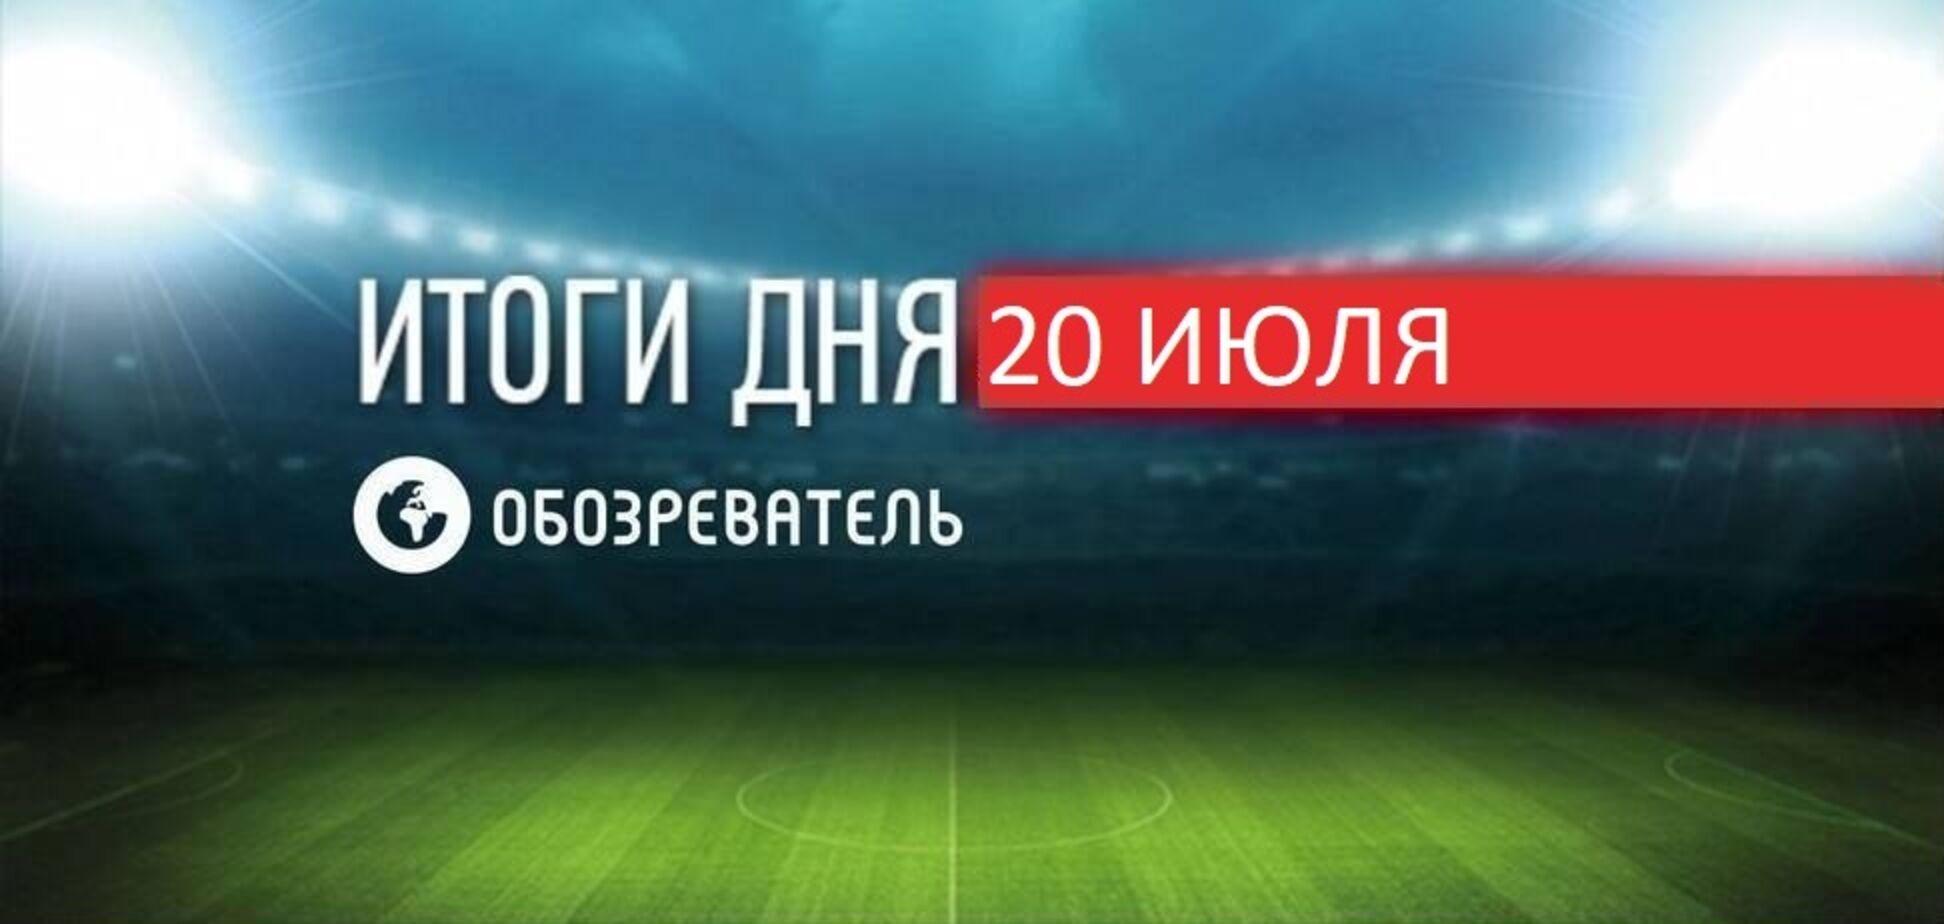 Дату та місце бою Усик – Джошуа офіційно названо: новини спорту 20 липня